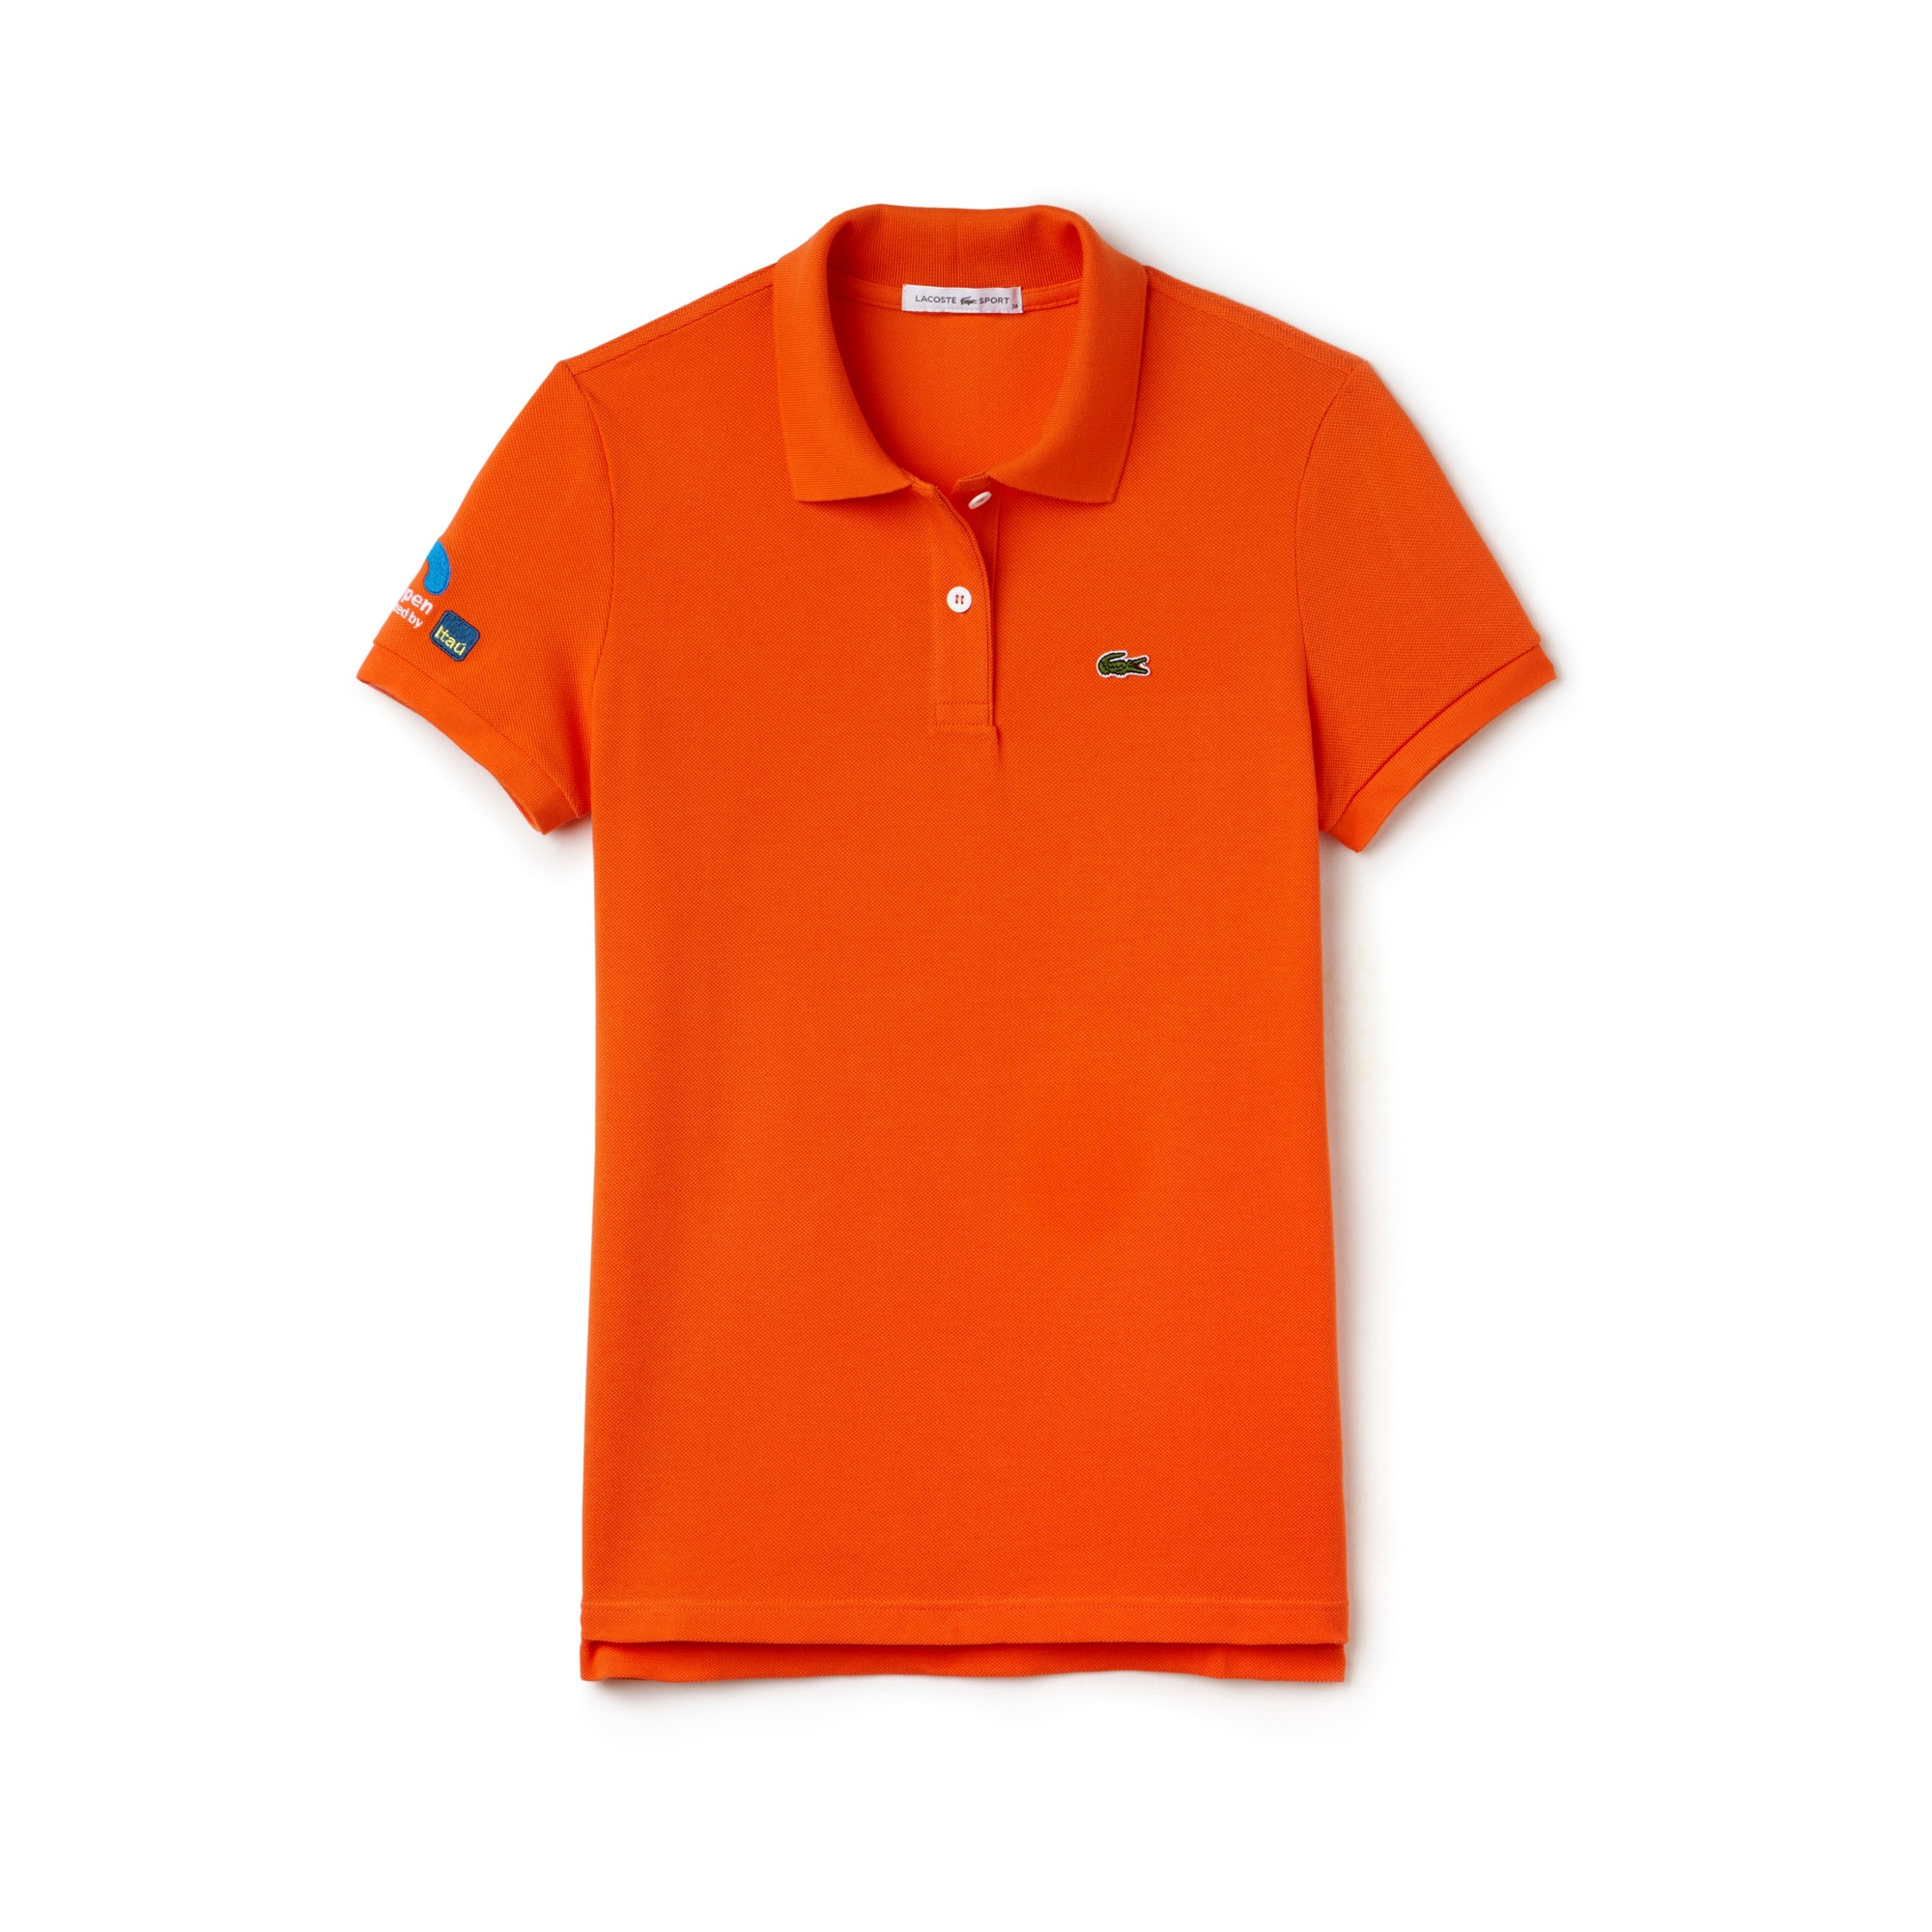 라코스테 테니스 반팔 티셔츠 쁘띠 피케 폴로 마이애미 오픈 에디션 Lacoste Womens SPORT Miami Open Edition Petit Pique Polo,Orange - P40